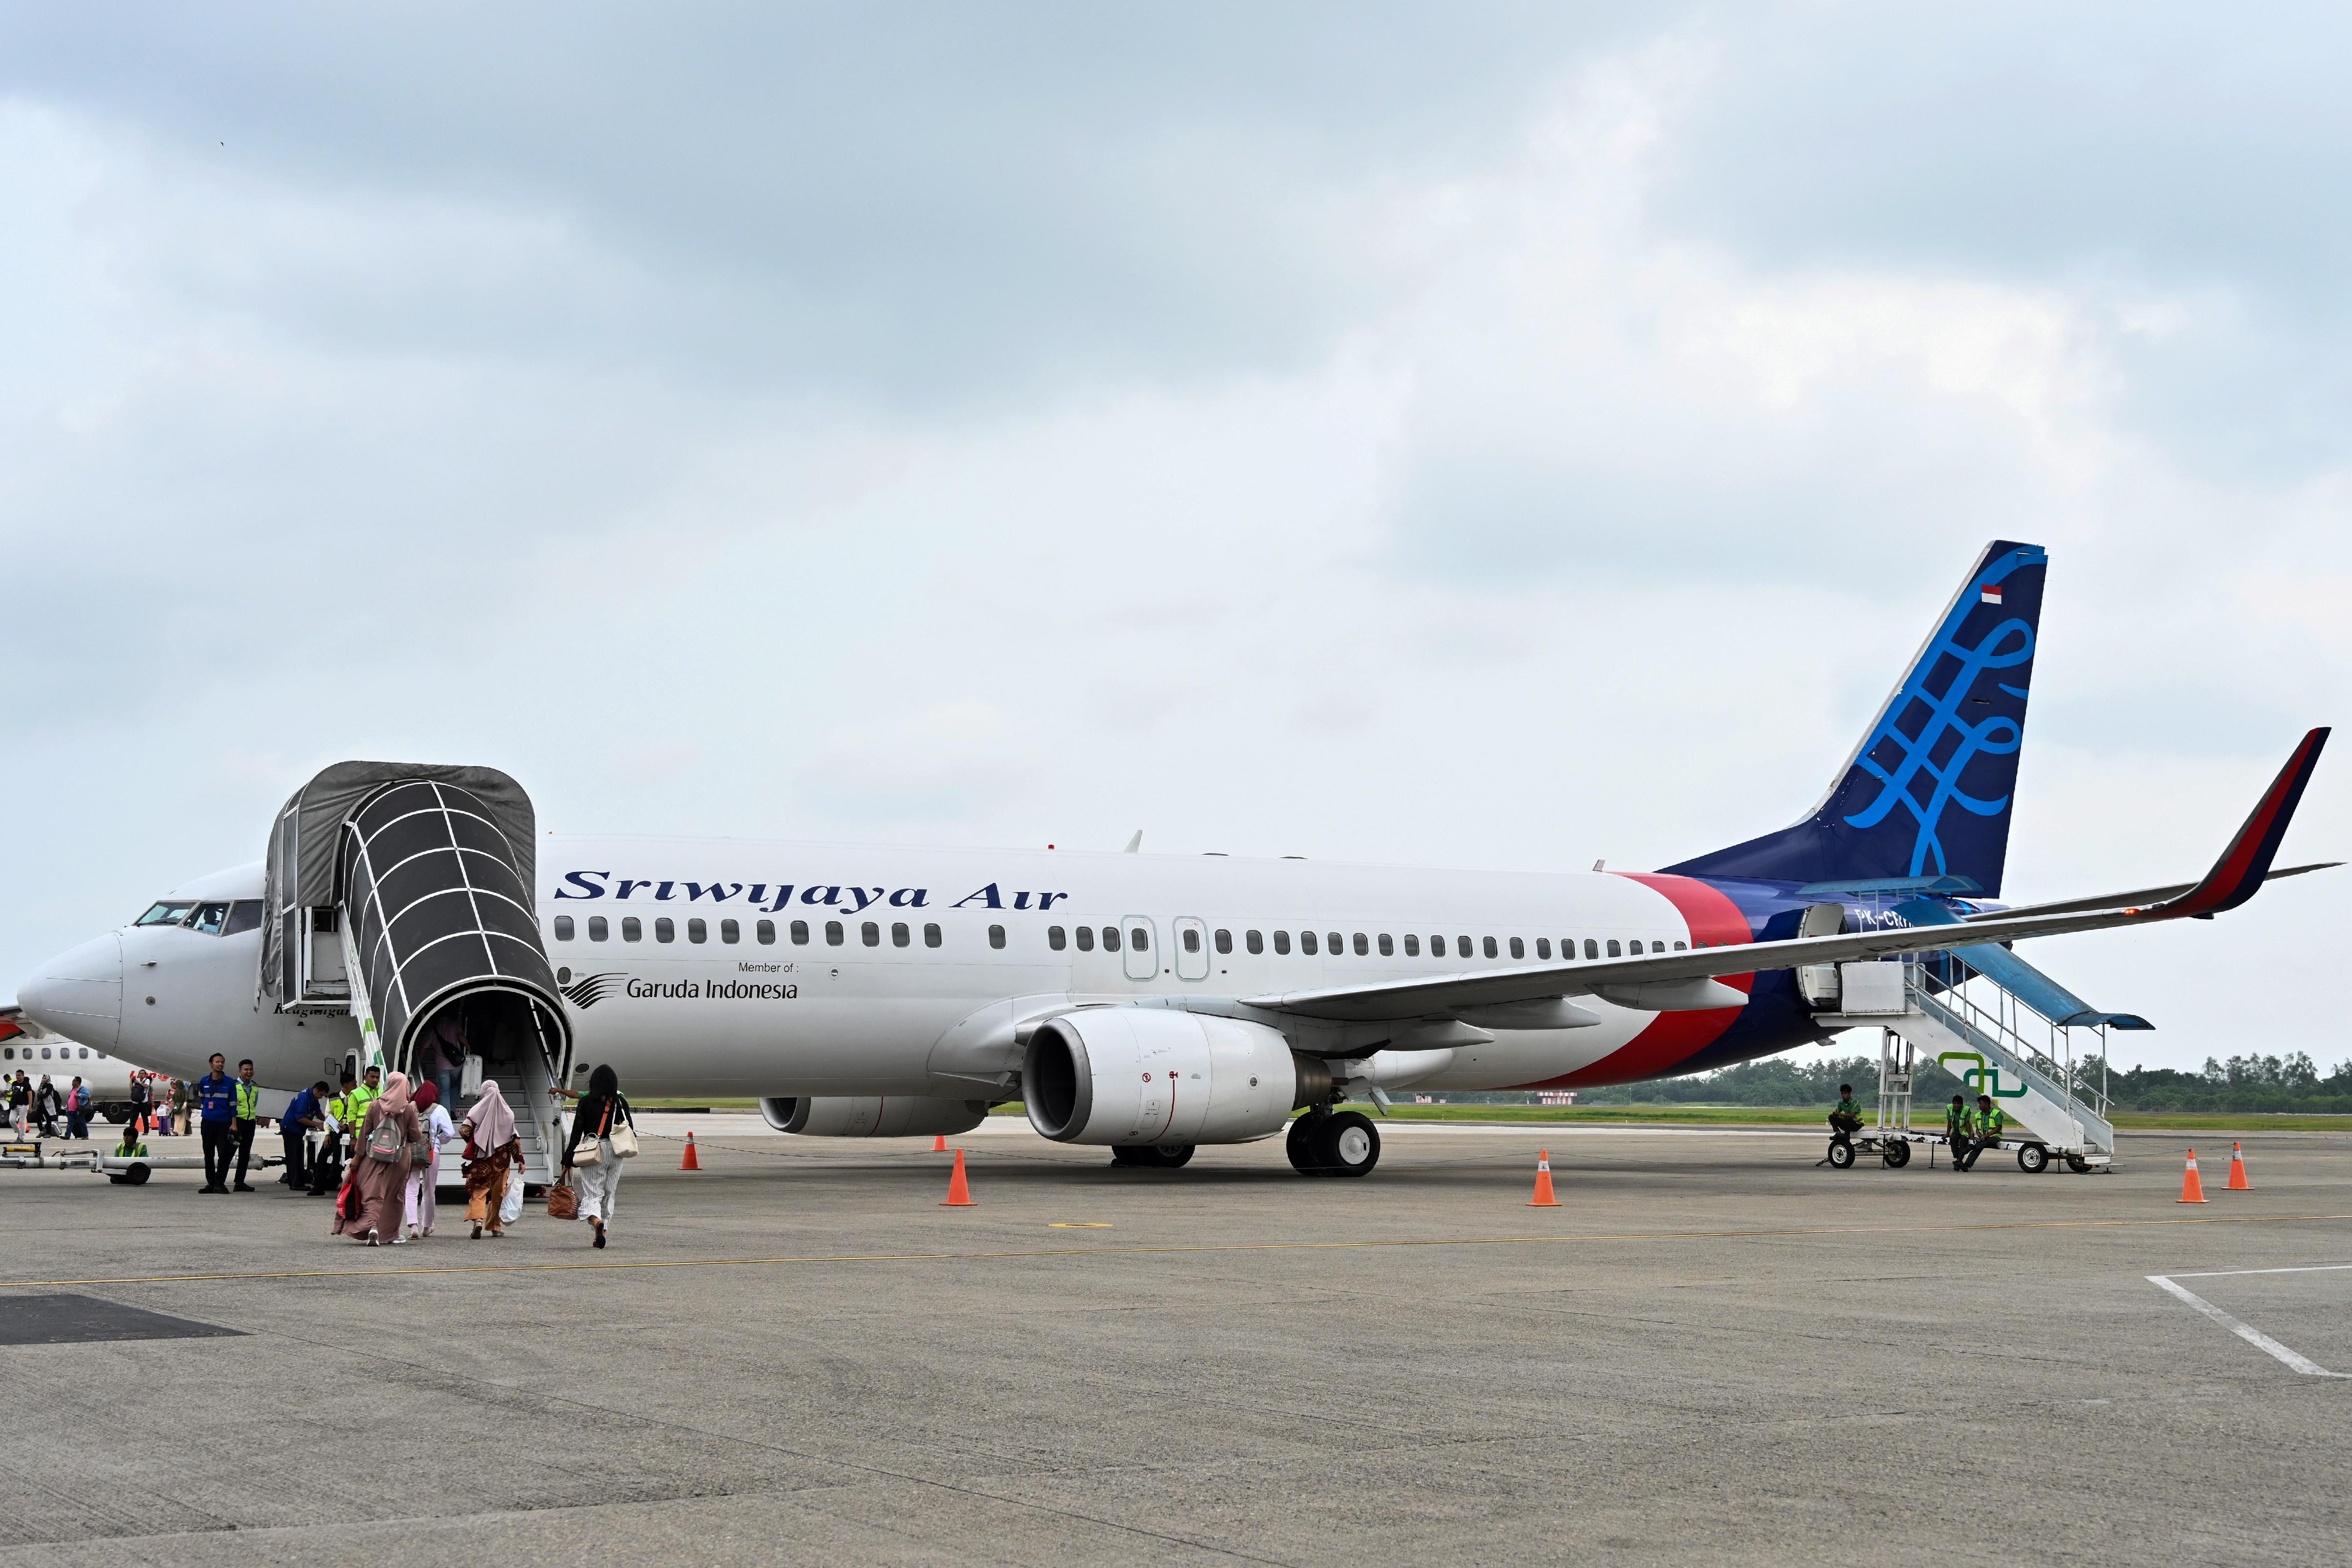 Felszállás után eltűnt egy indonéz utasszállító gép